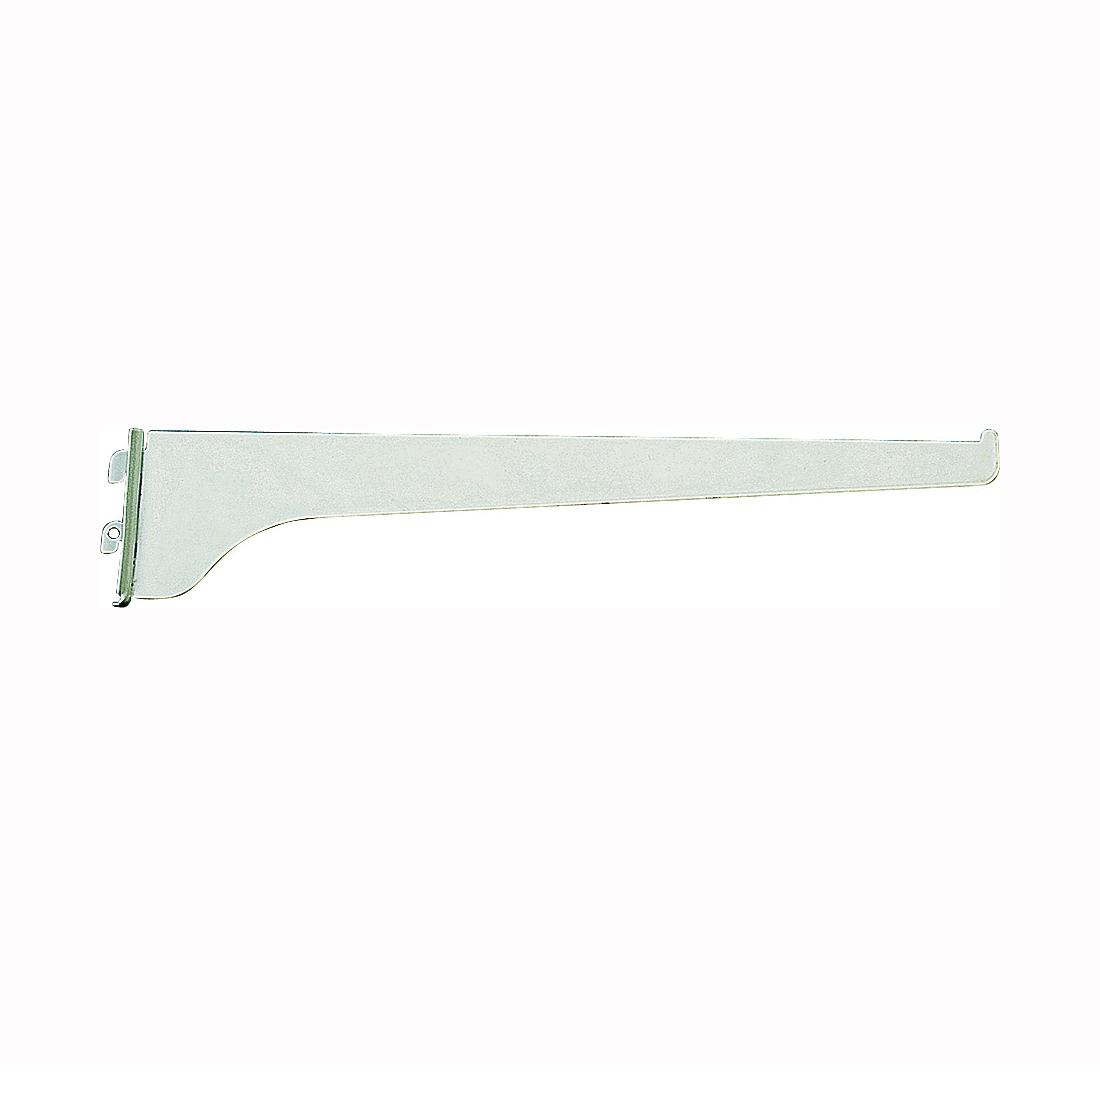 Picture of Knape & Vogt 180 WH 12 Shelf Bracket, 12 in L, Steel, Powder-Coated